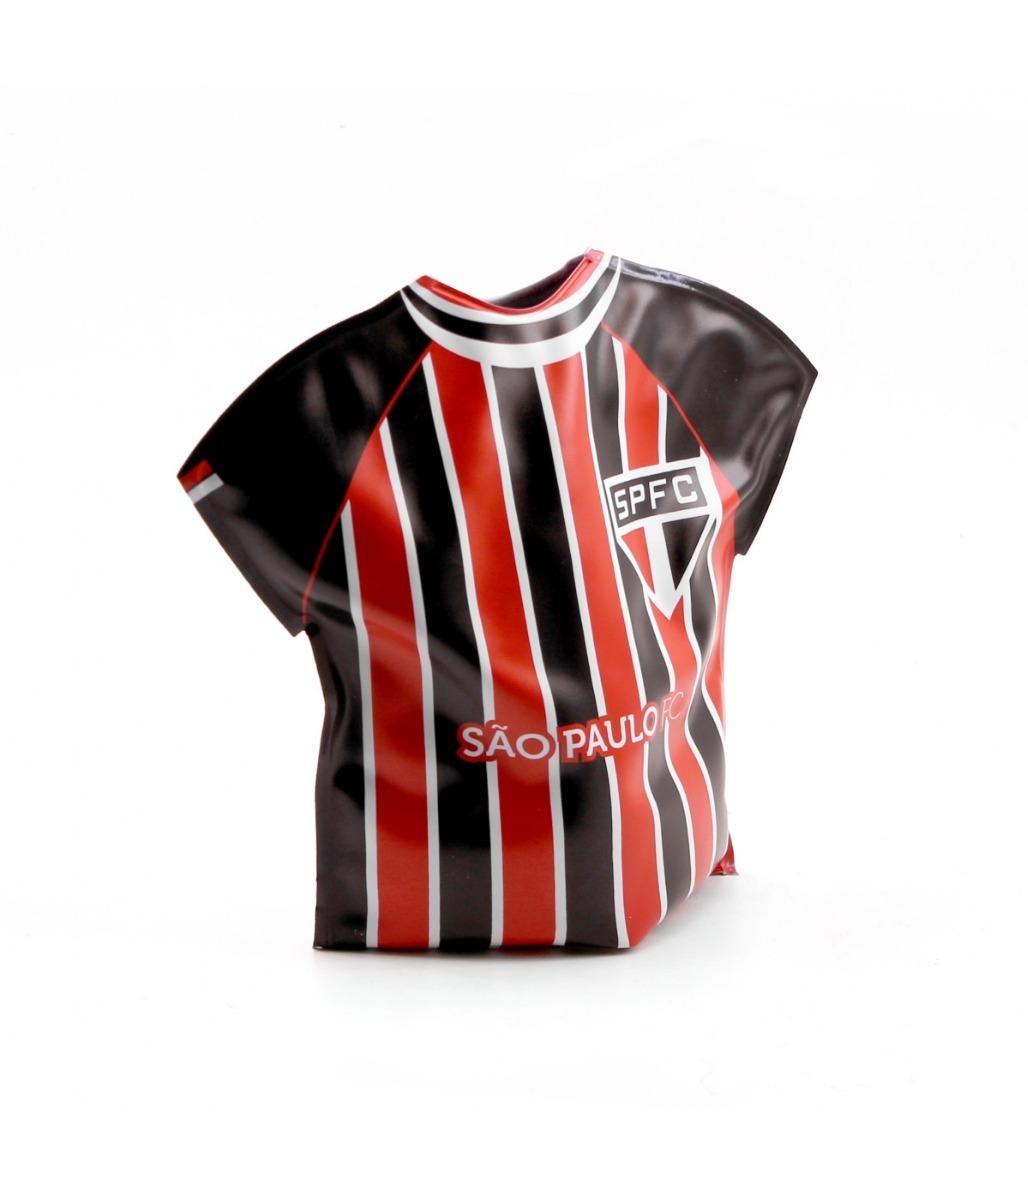 Bolsa Térmica Em Forma De Camisa Vários Times De Futebol - R  22 ad391ce7f48c9